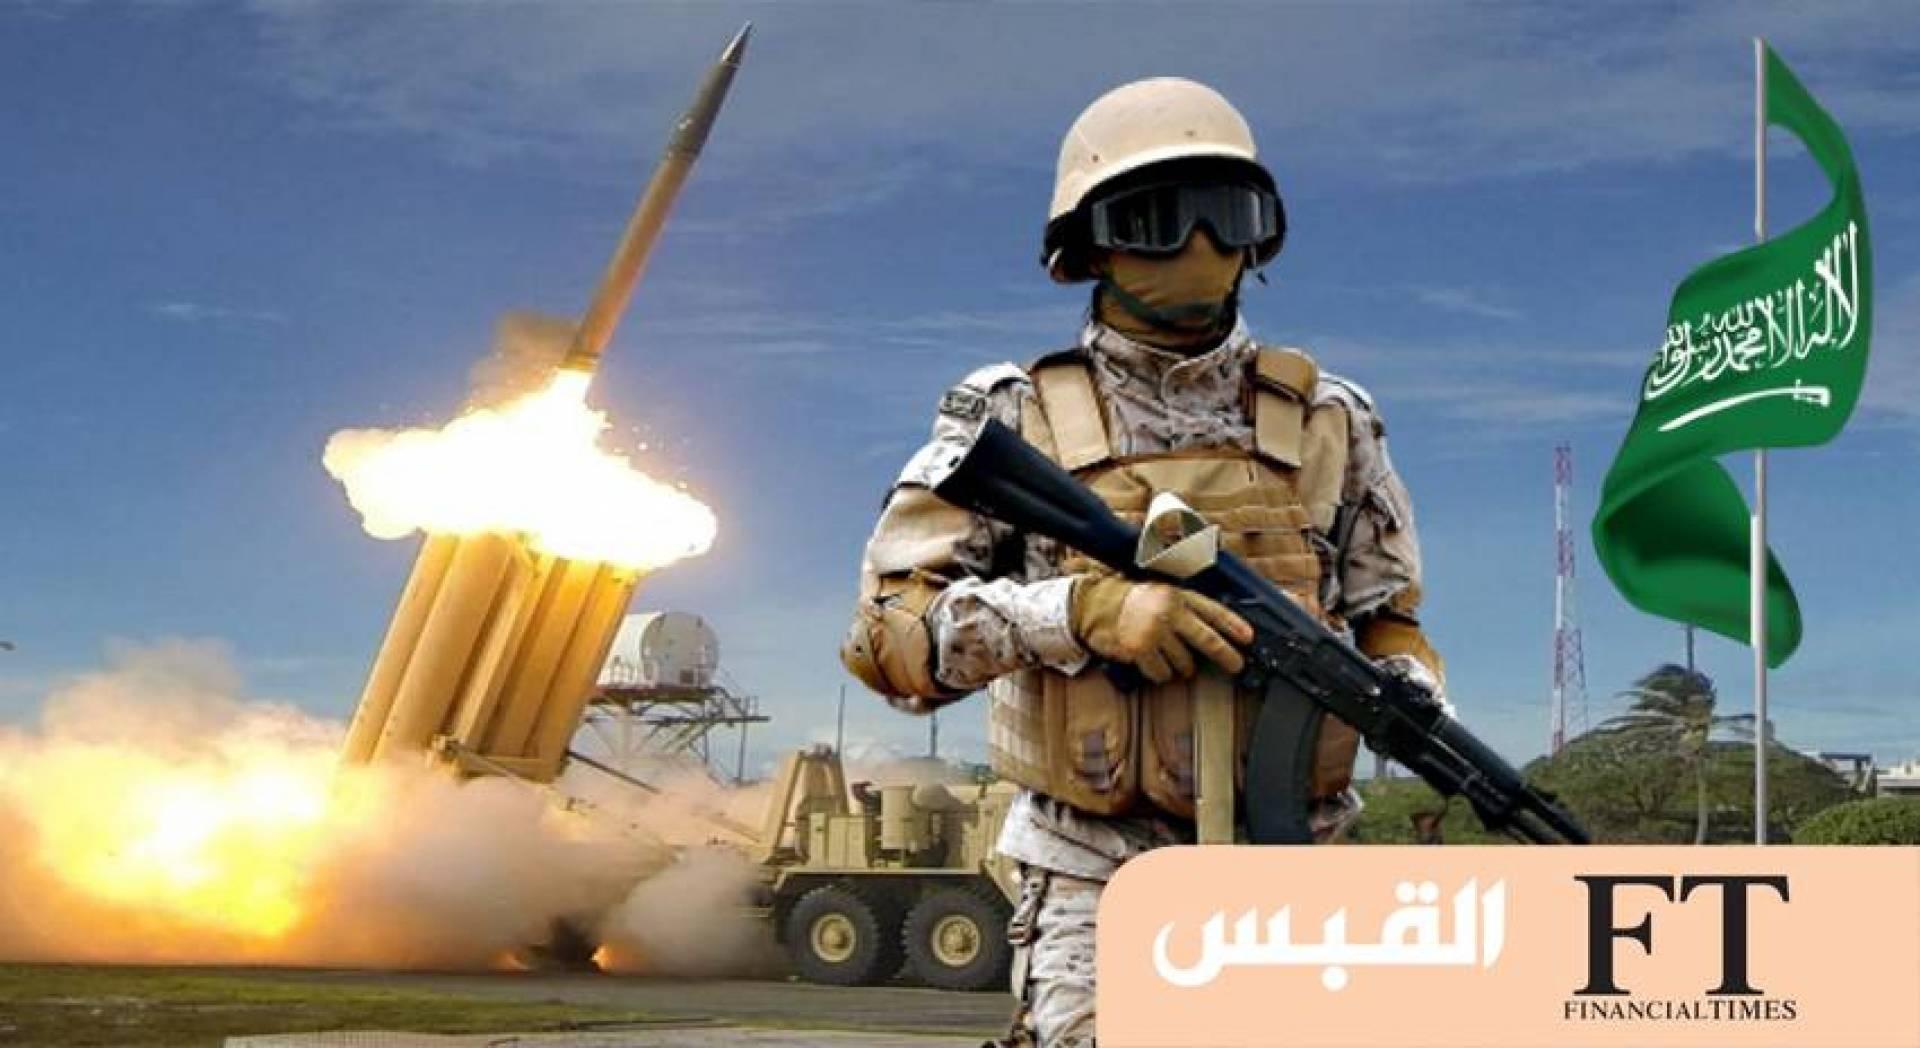 السعودية تواصل شراء السلاح.. رغم إجراءات التقشف